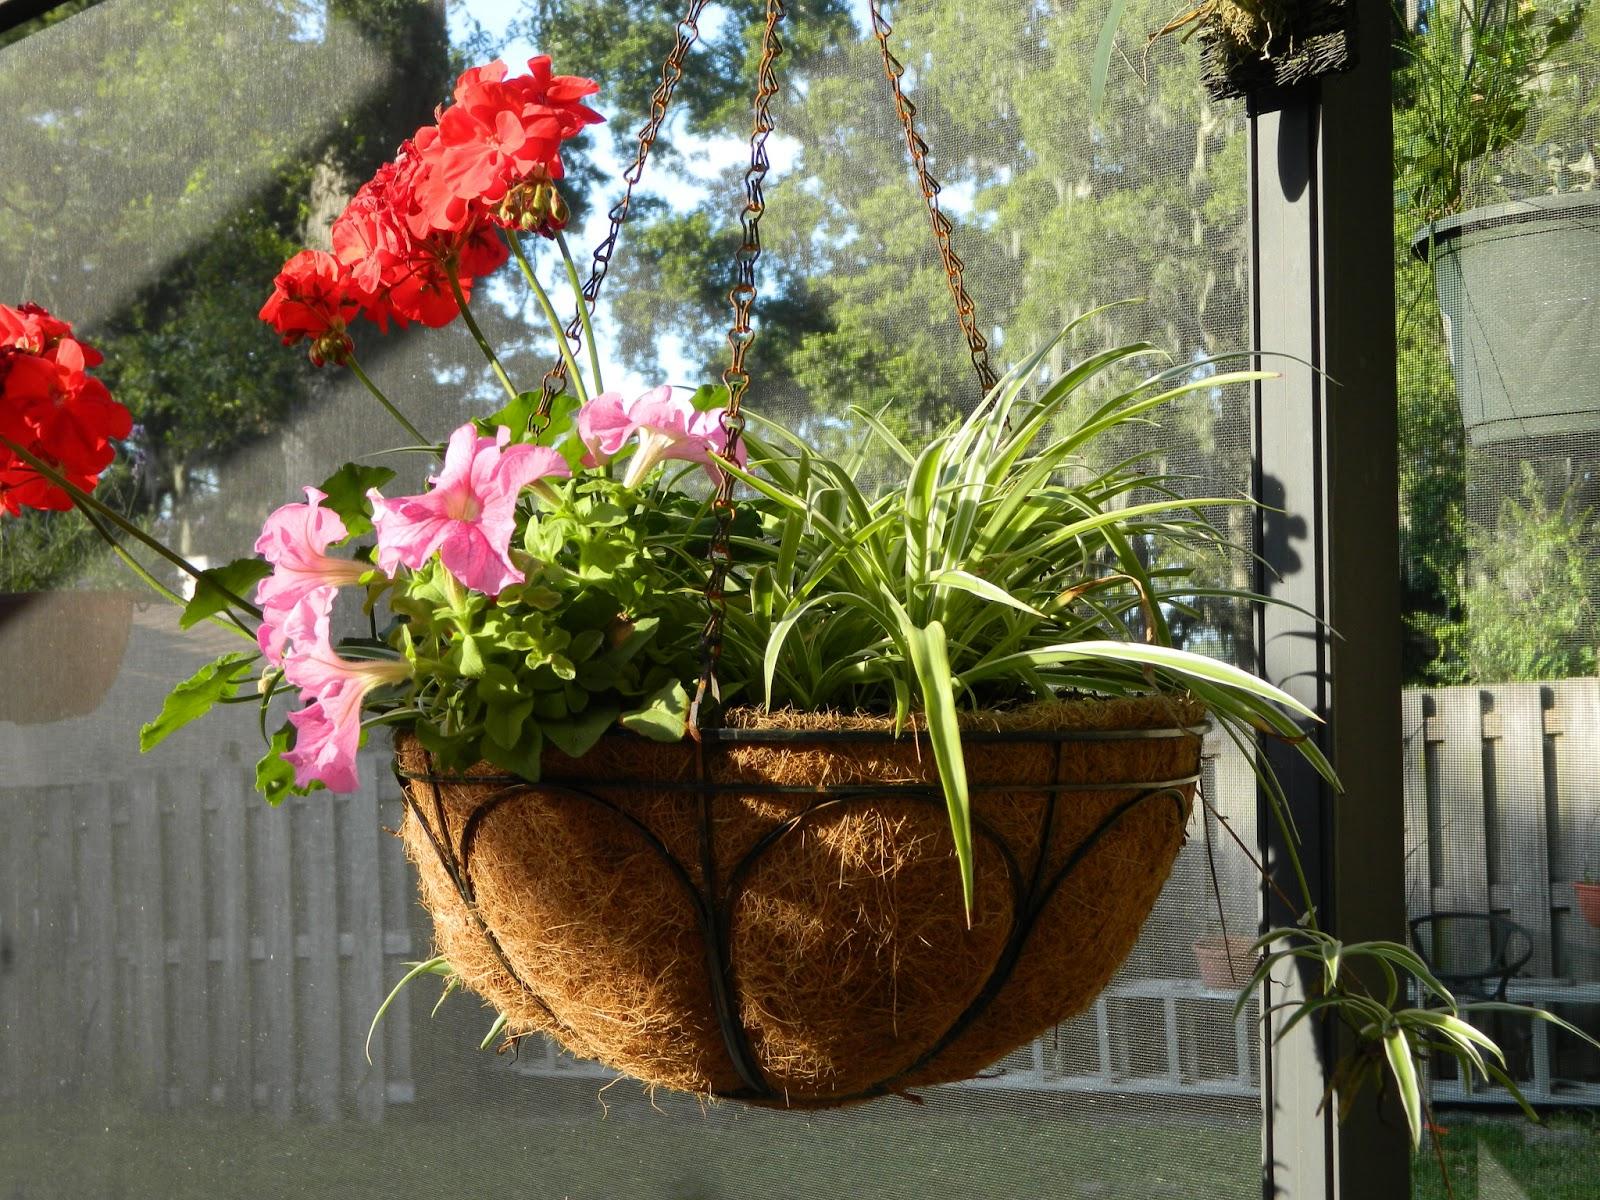 life after empty nest d i y hanging flower baskets. Black Bedroom Furniture Sets. Home Design Ideas